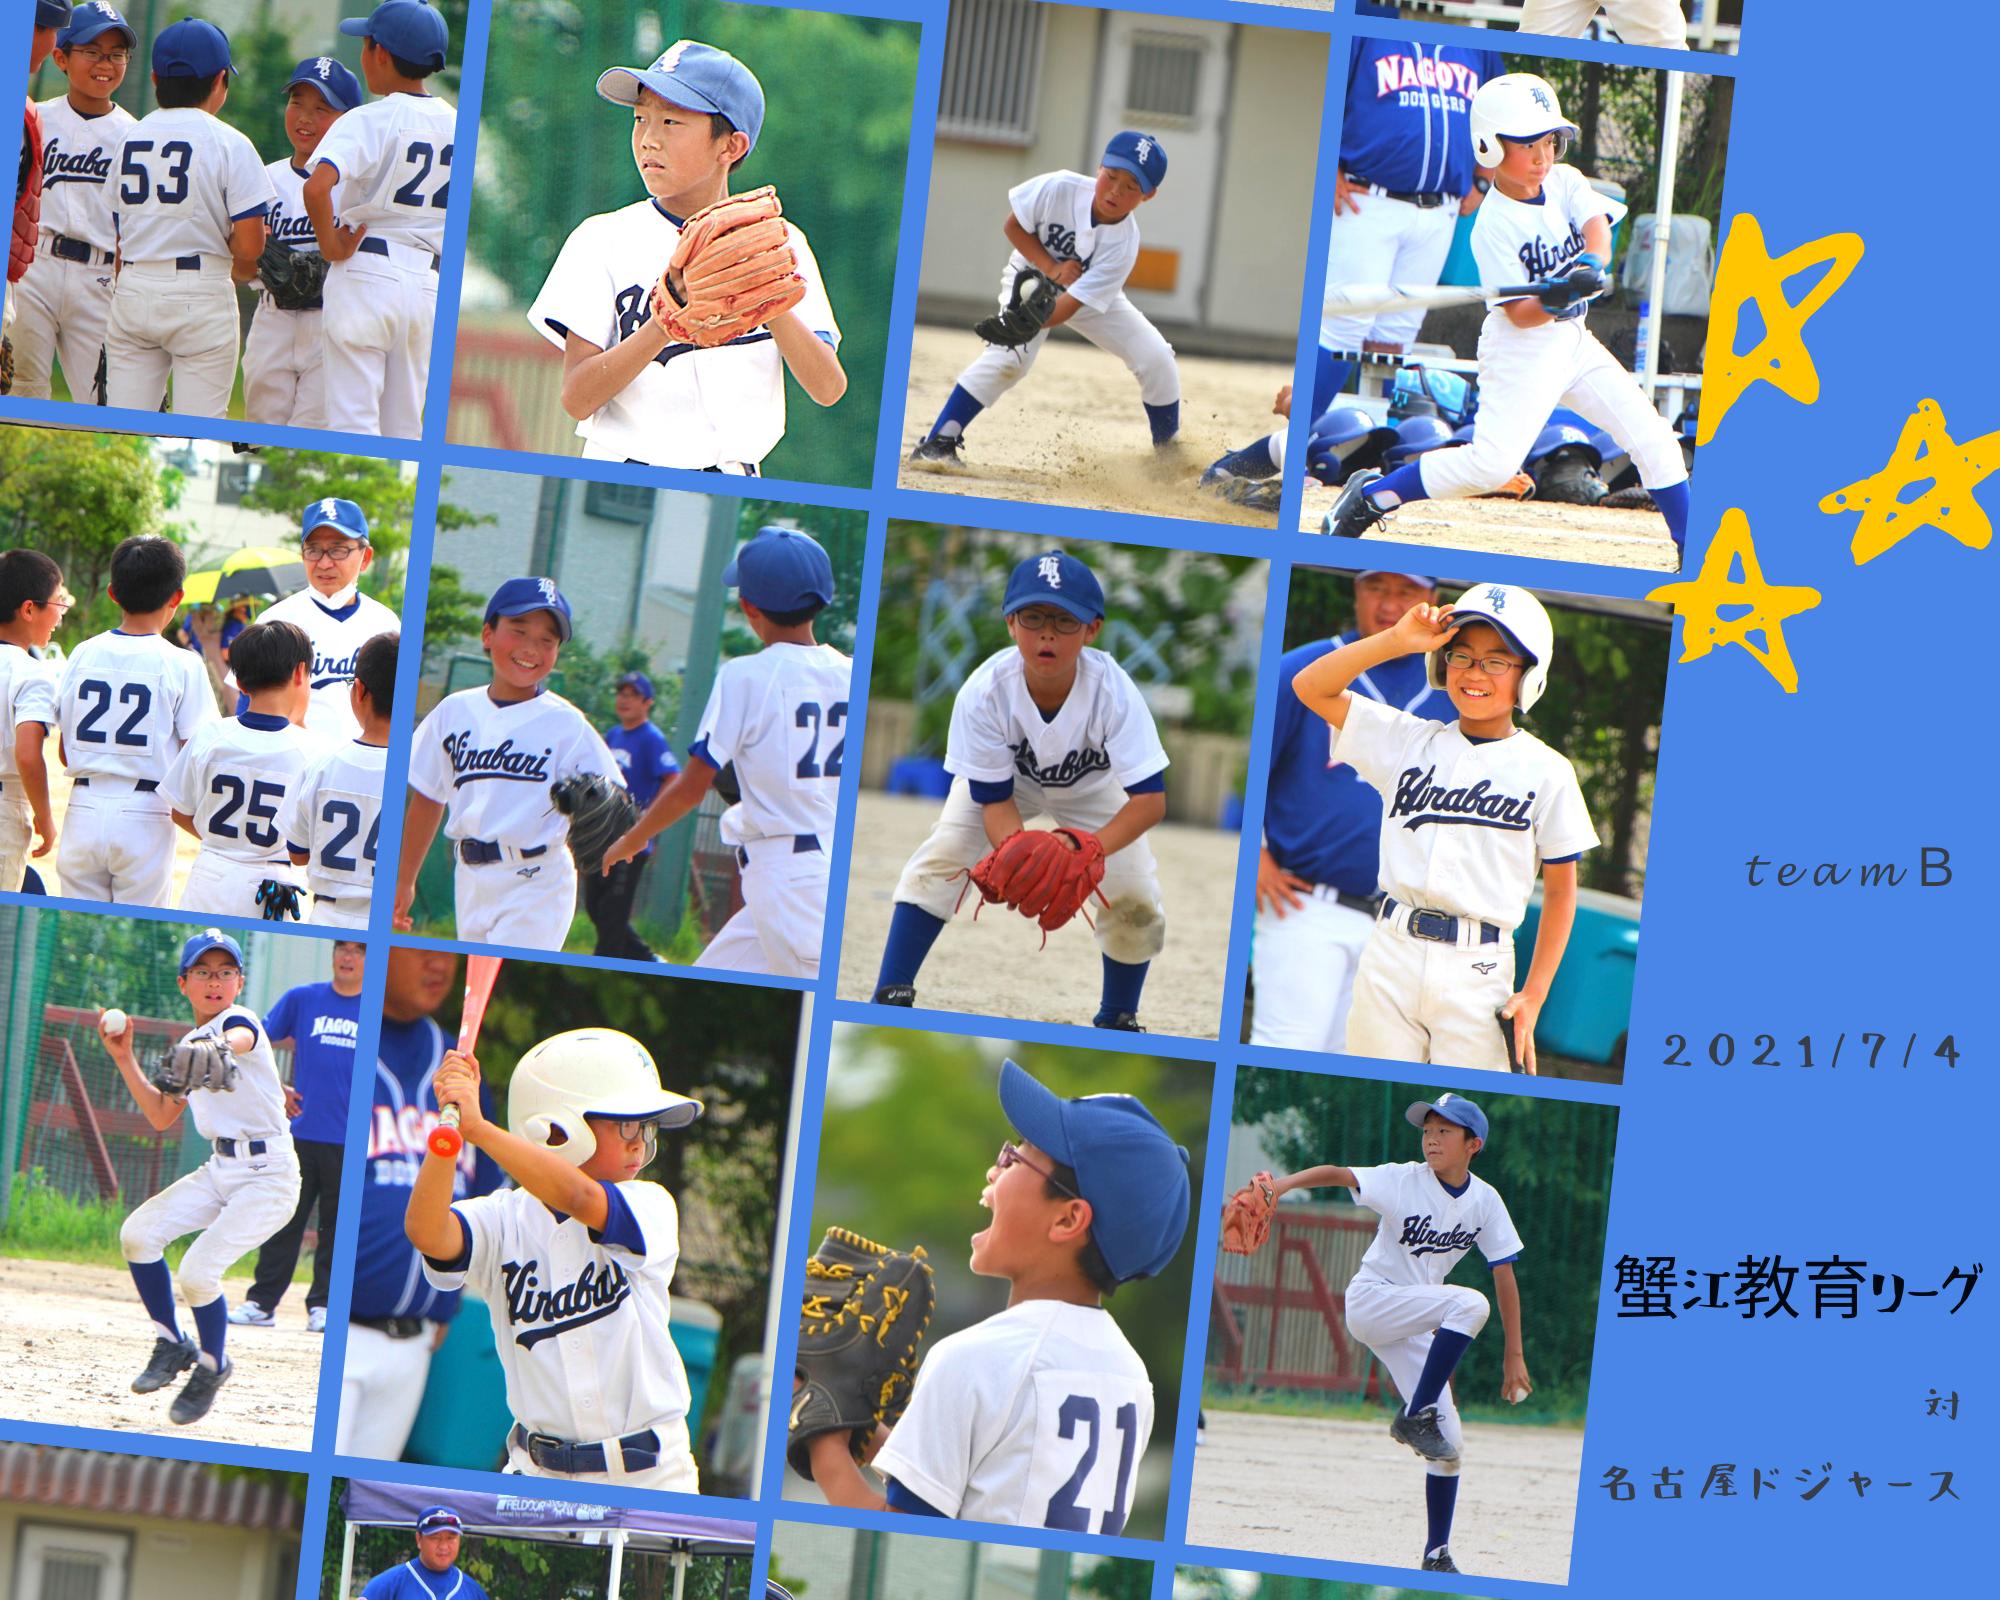 '21/7/4⚾️Bチーム「蟹江教育リーグ」